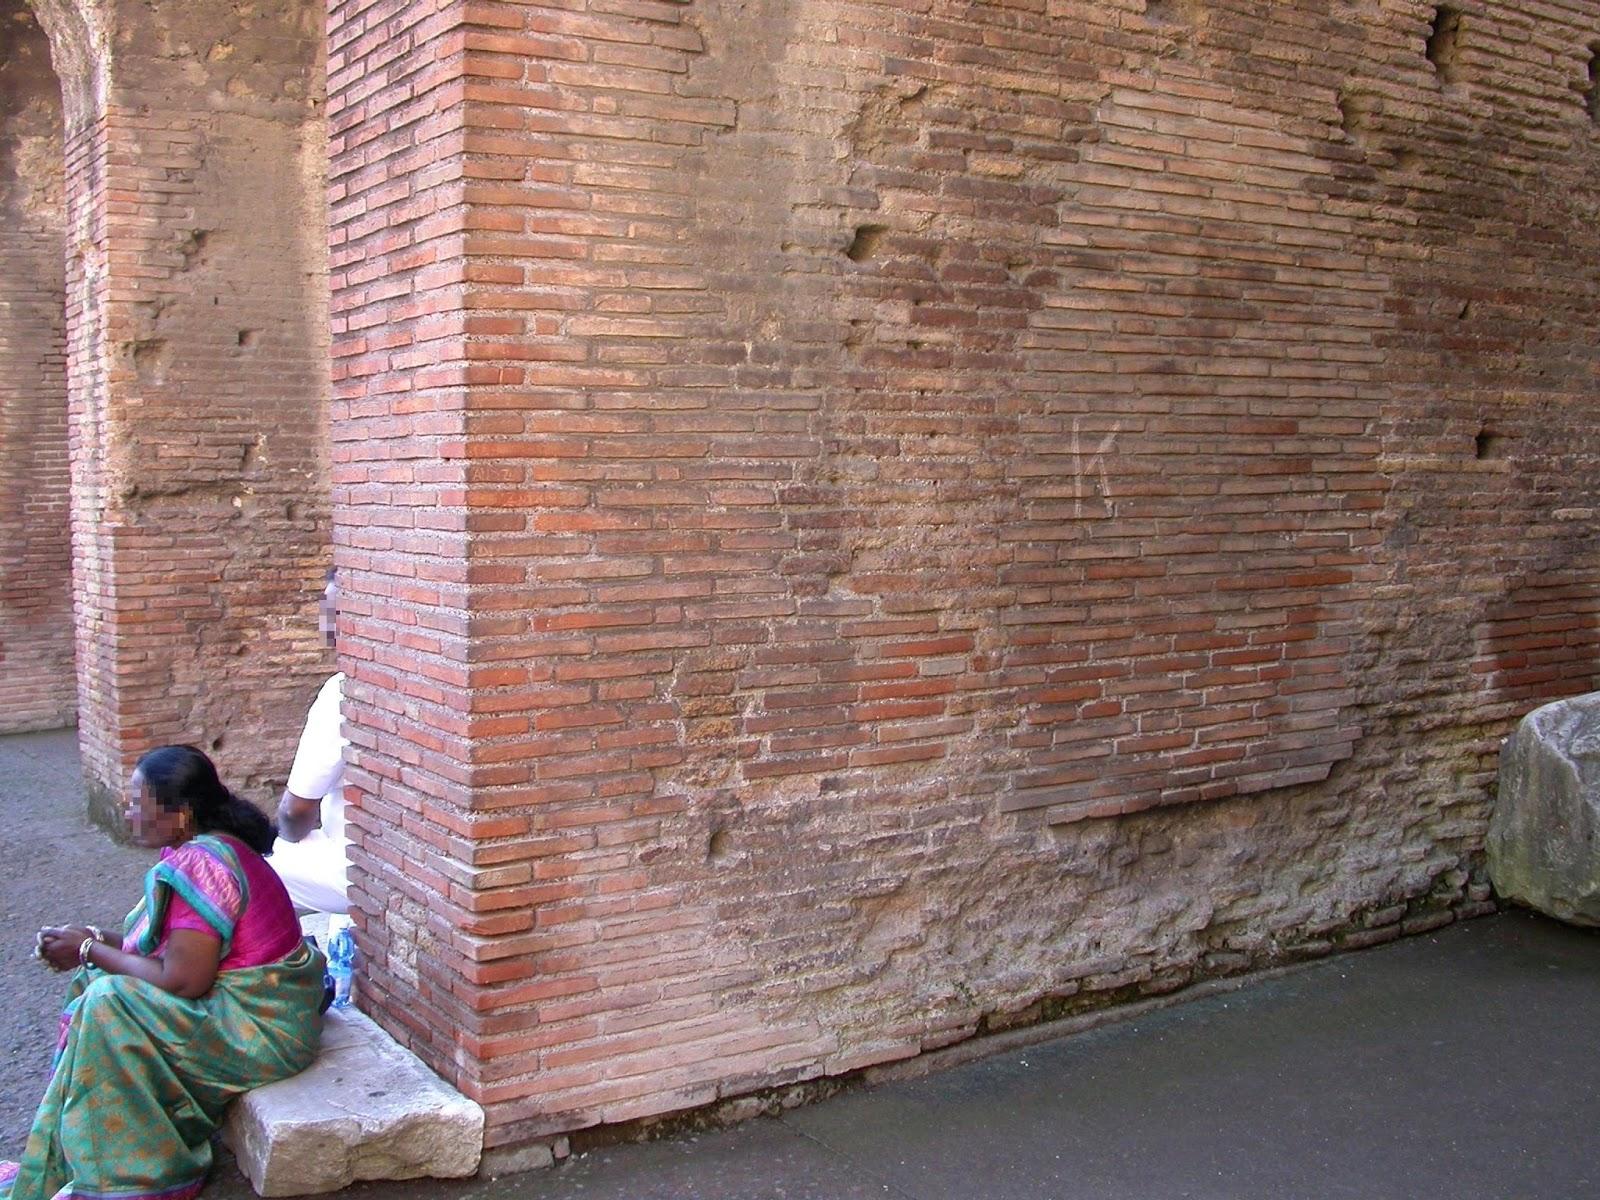 turisták, vandalizmus, Róma, Colosseum, Olaszország,